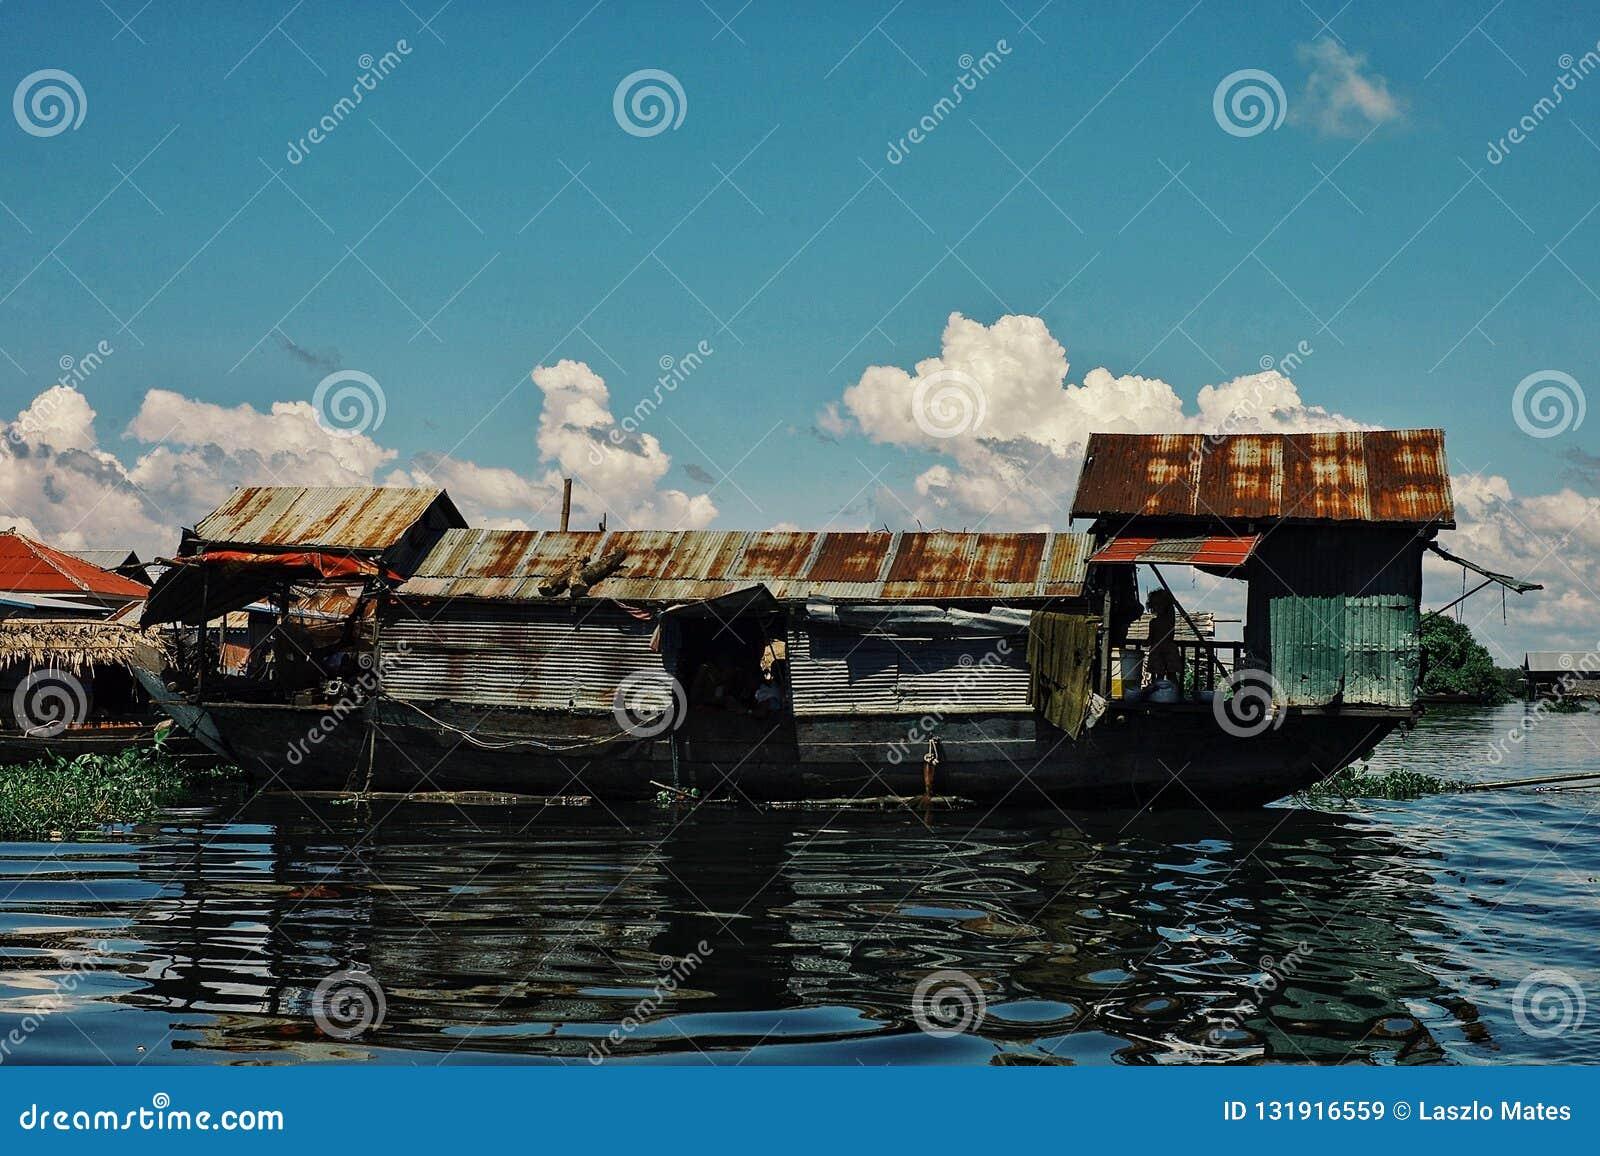 Bateau de flottement expédient comme la construction de logements au milieu du lac inondé